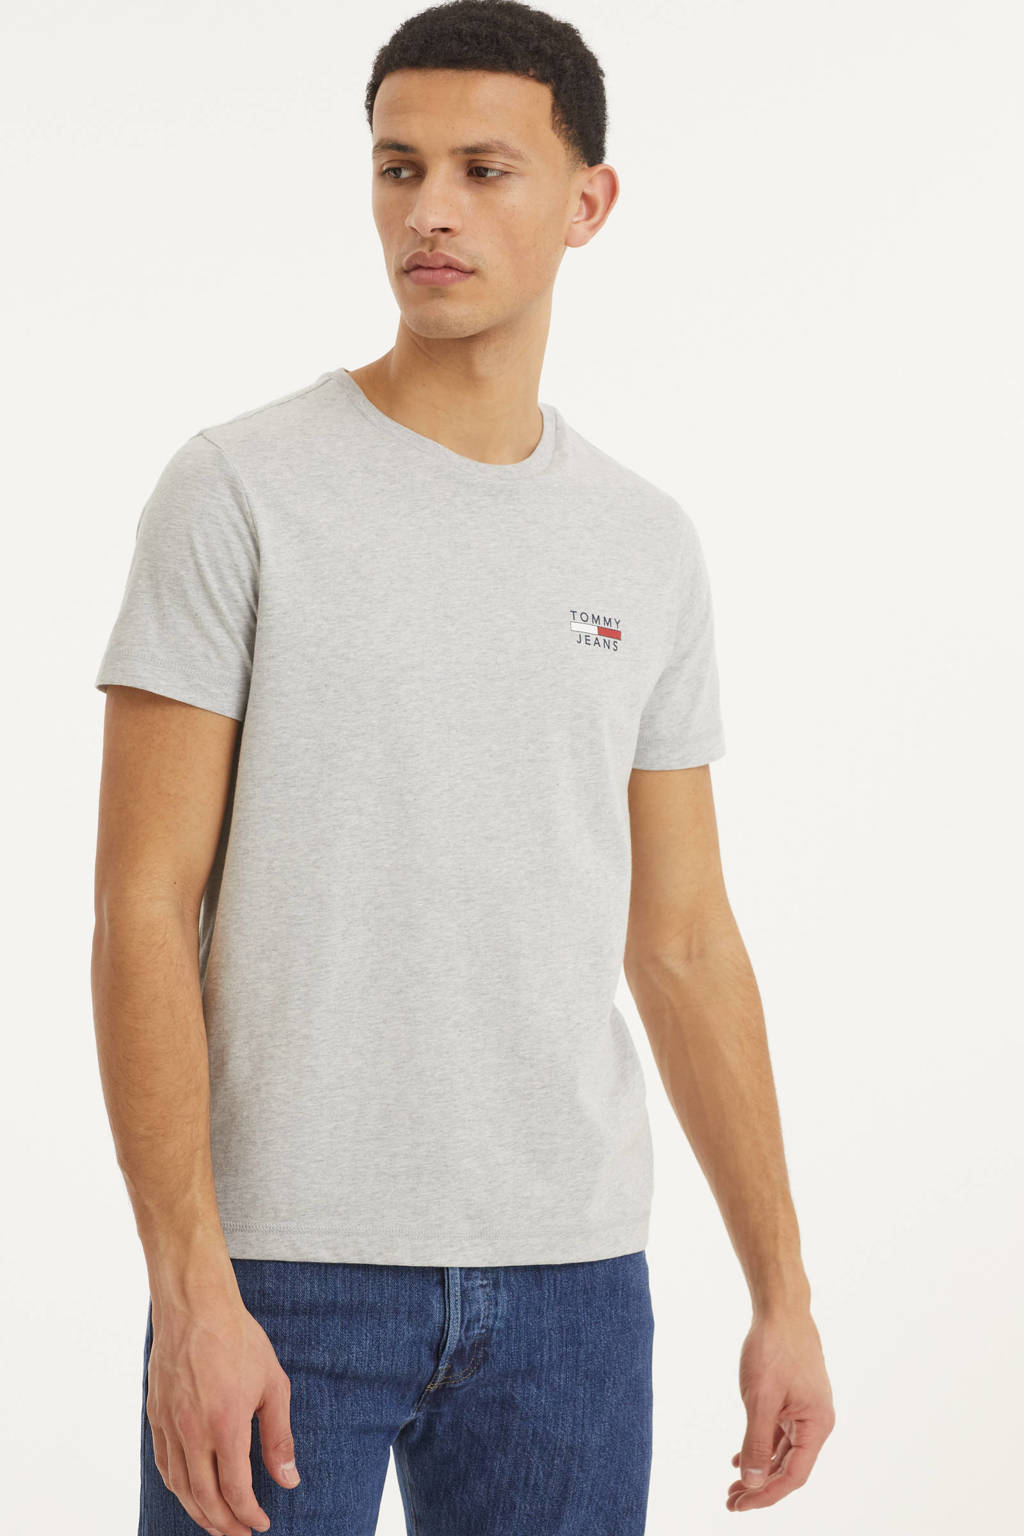 Tommy Jeans T-shirt van biologisch katoen lichtgrijs, Lichtgrijs